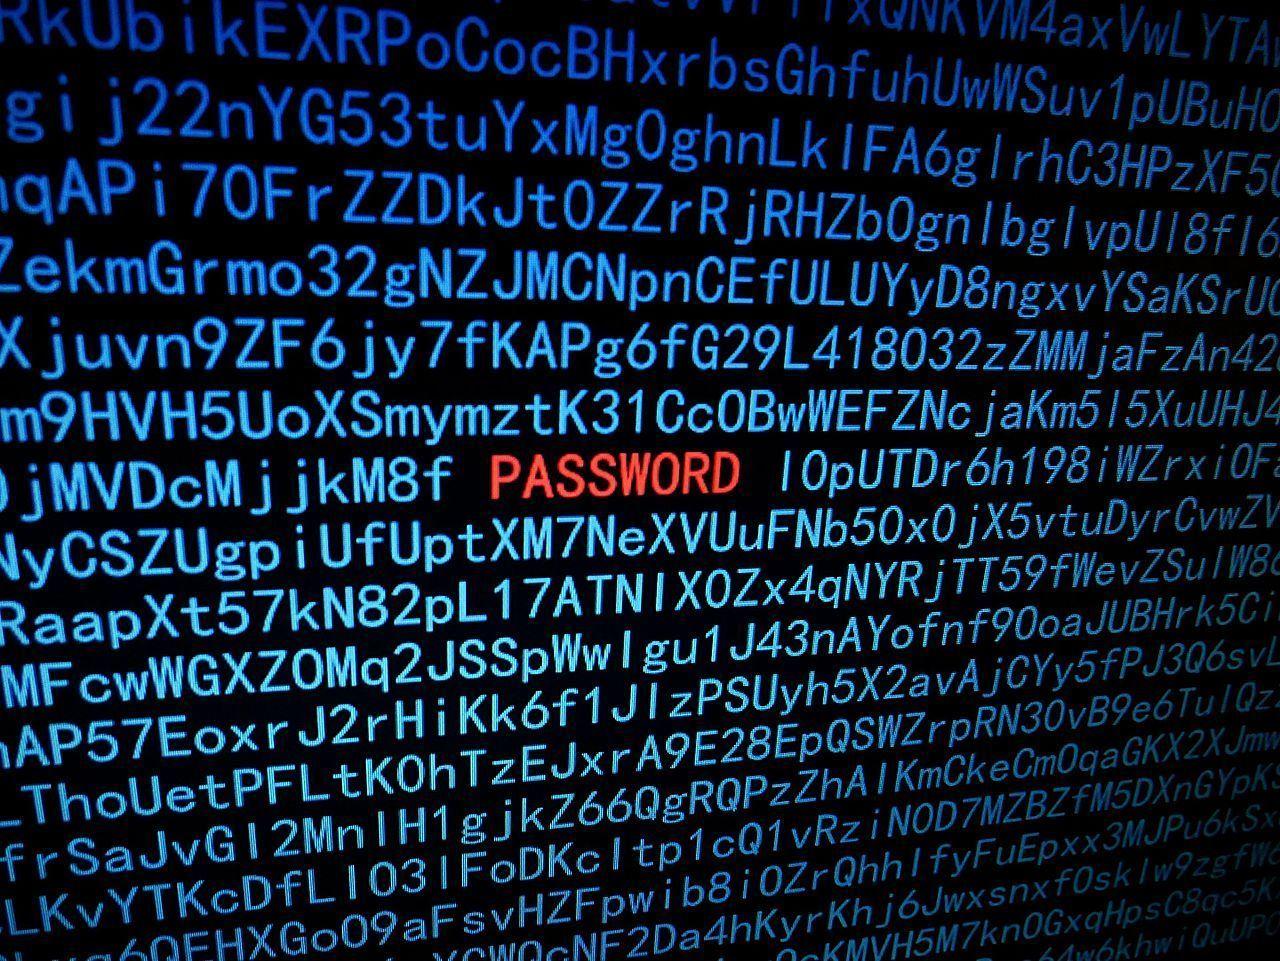 Polisen har ansökt om att hacka grejer över hundra gånger